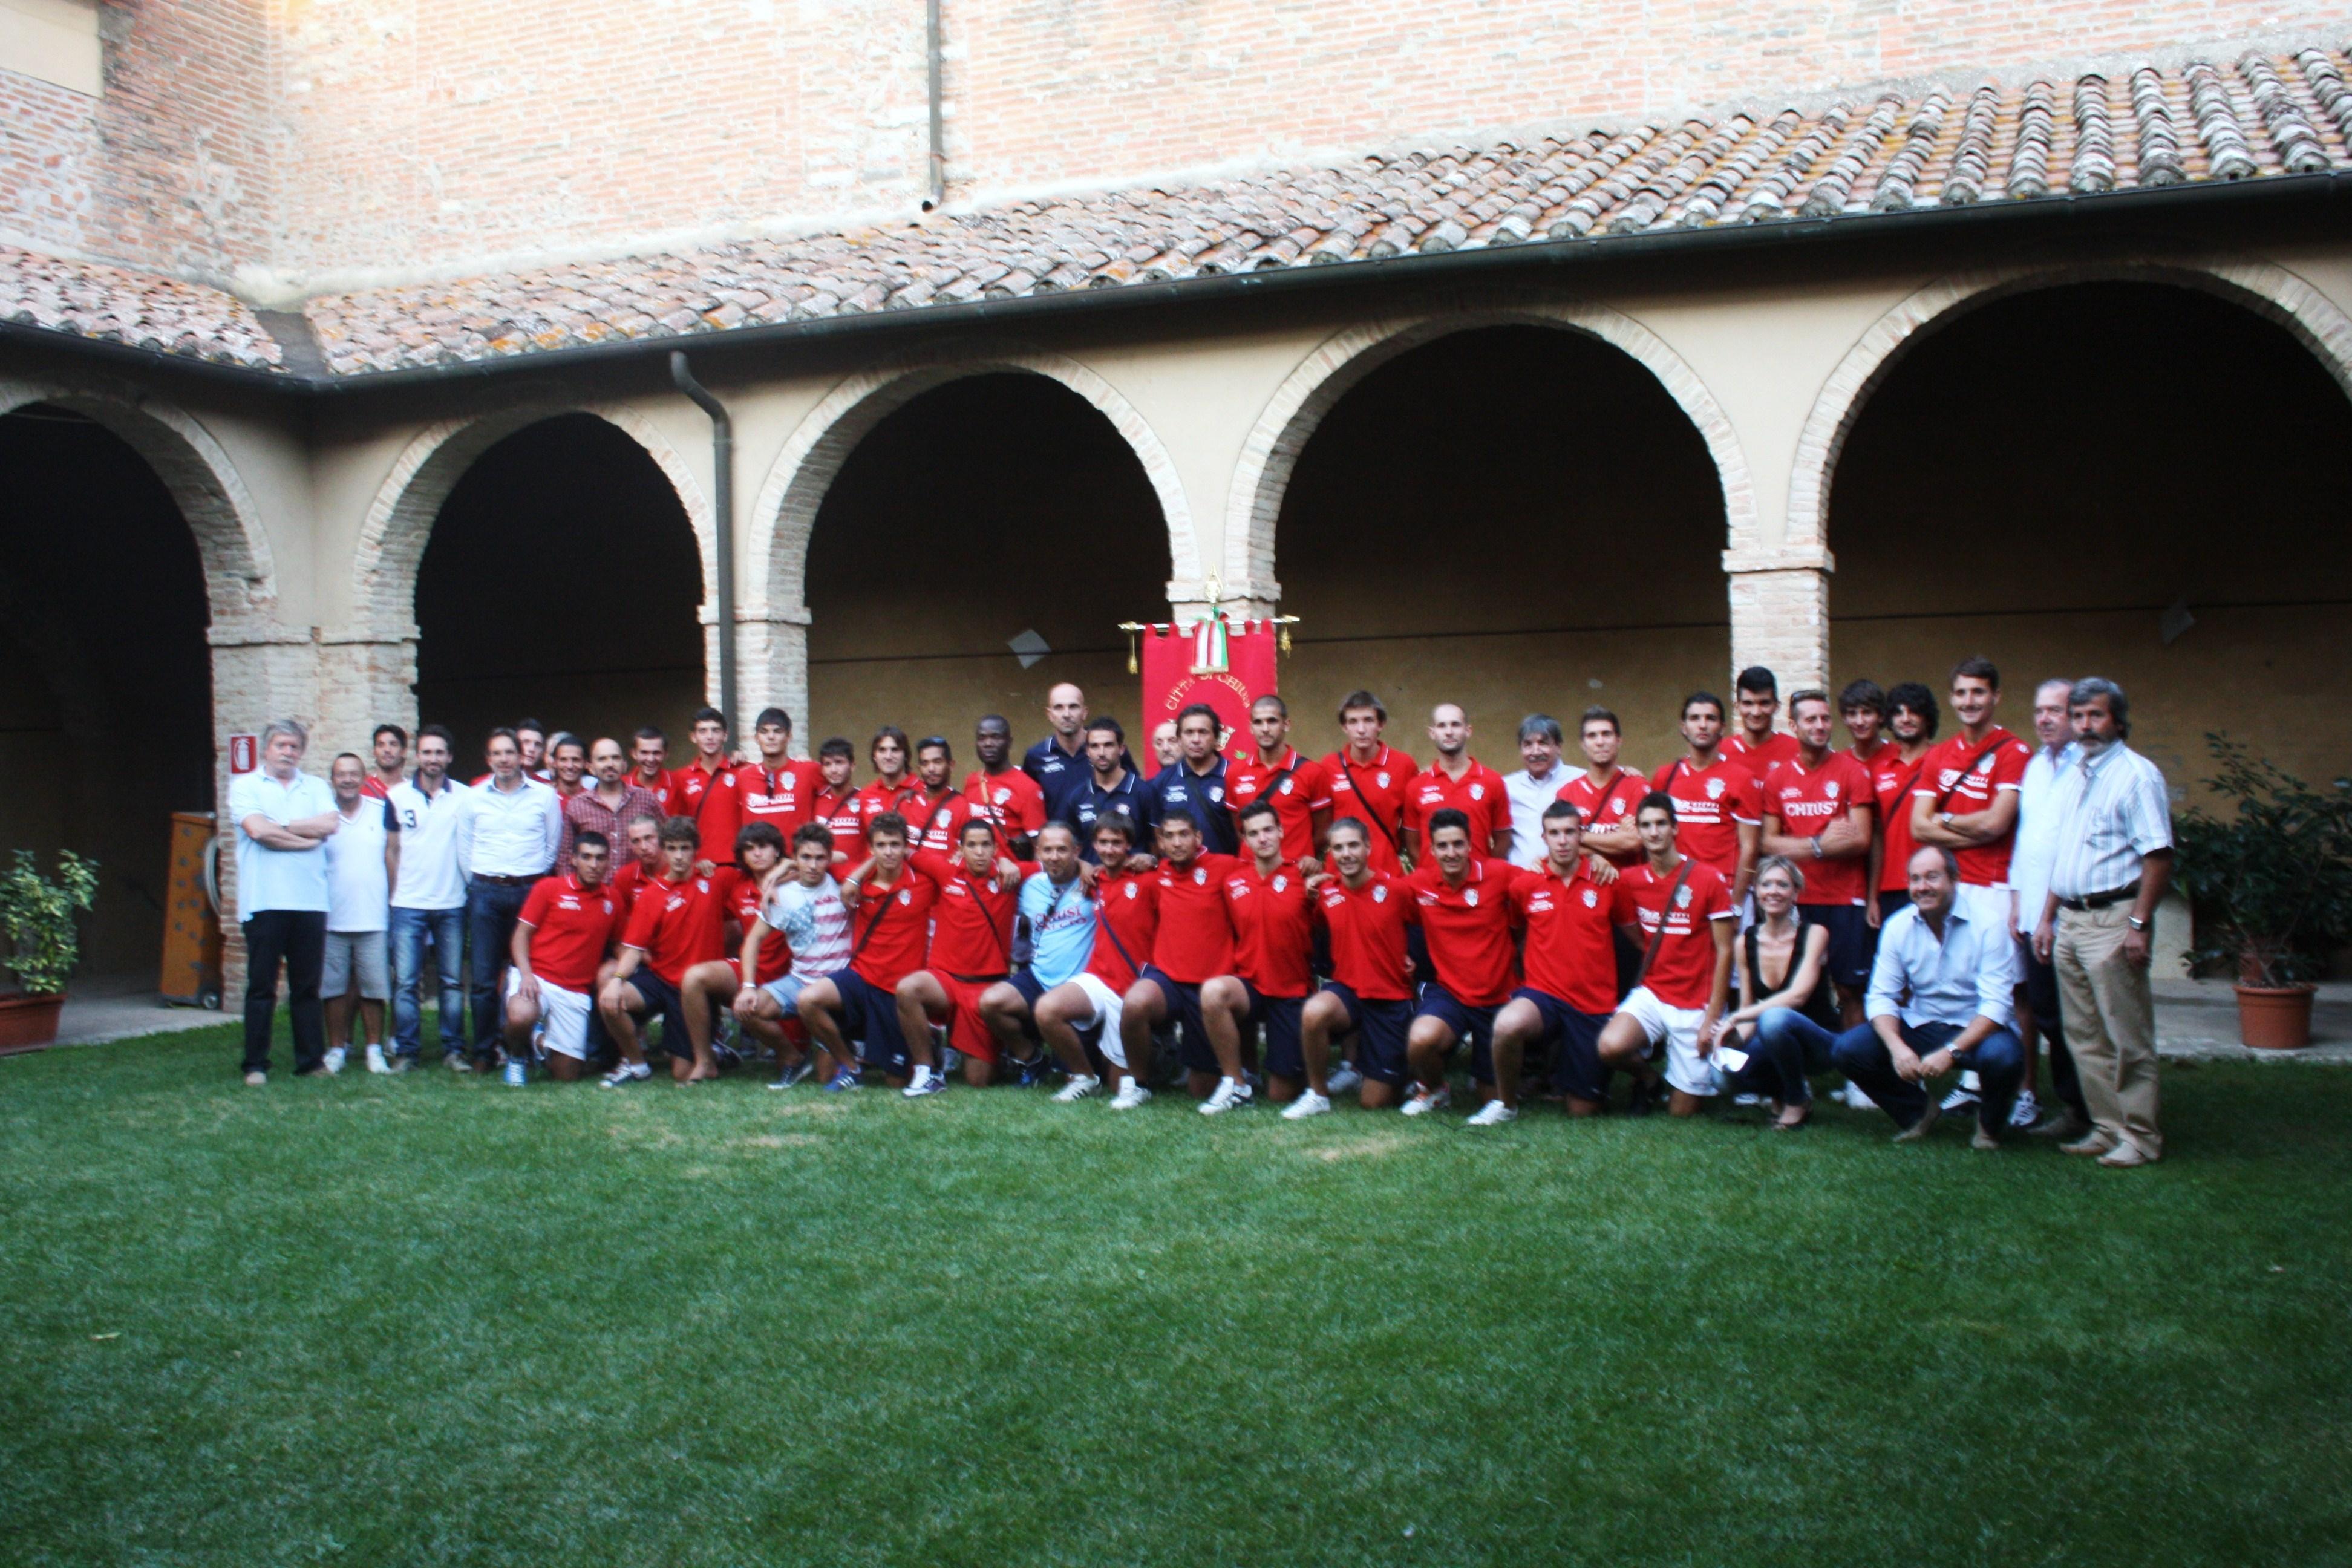 Chiusi: presentata la nuova rosa per la stagione 2011-12